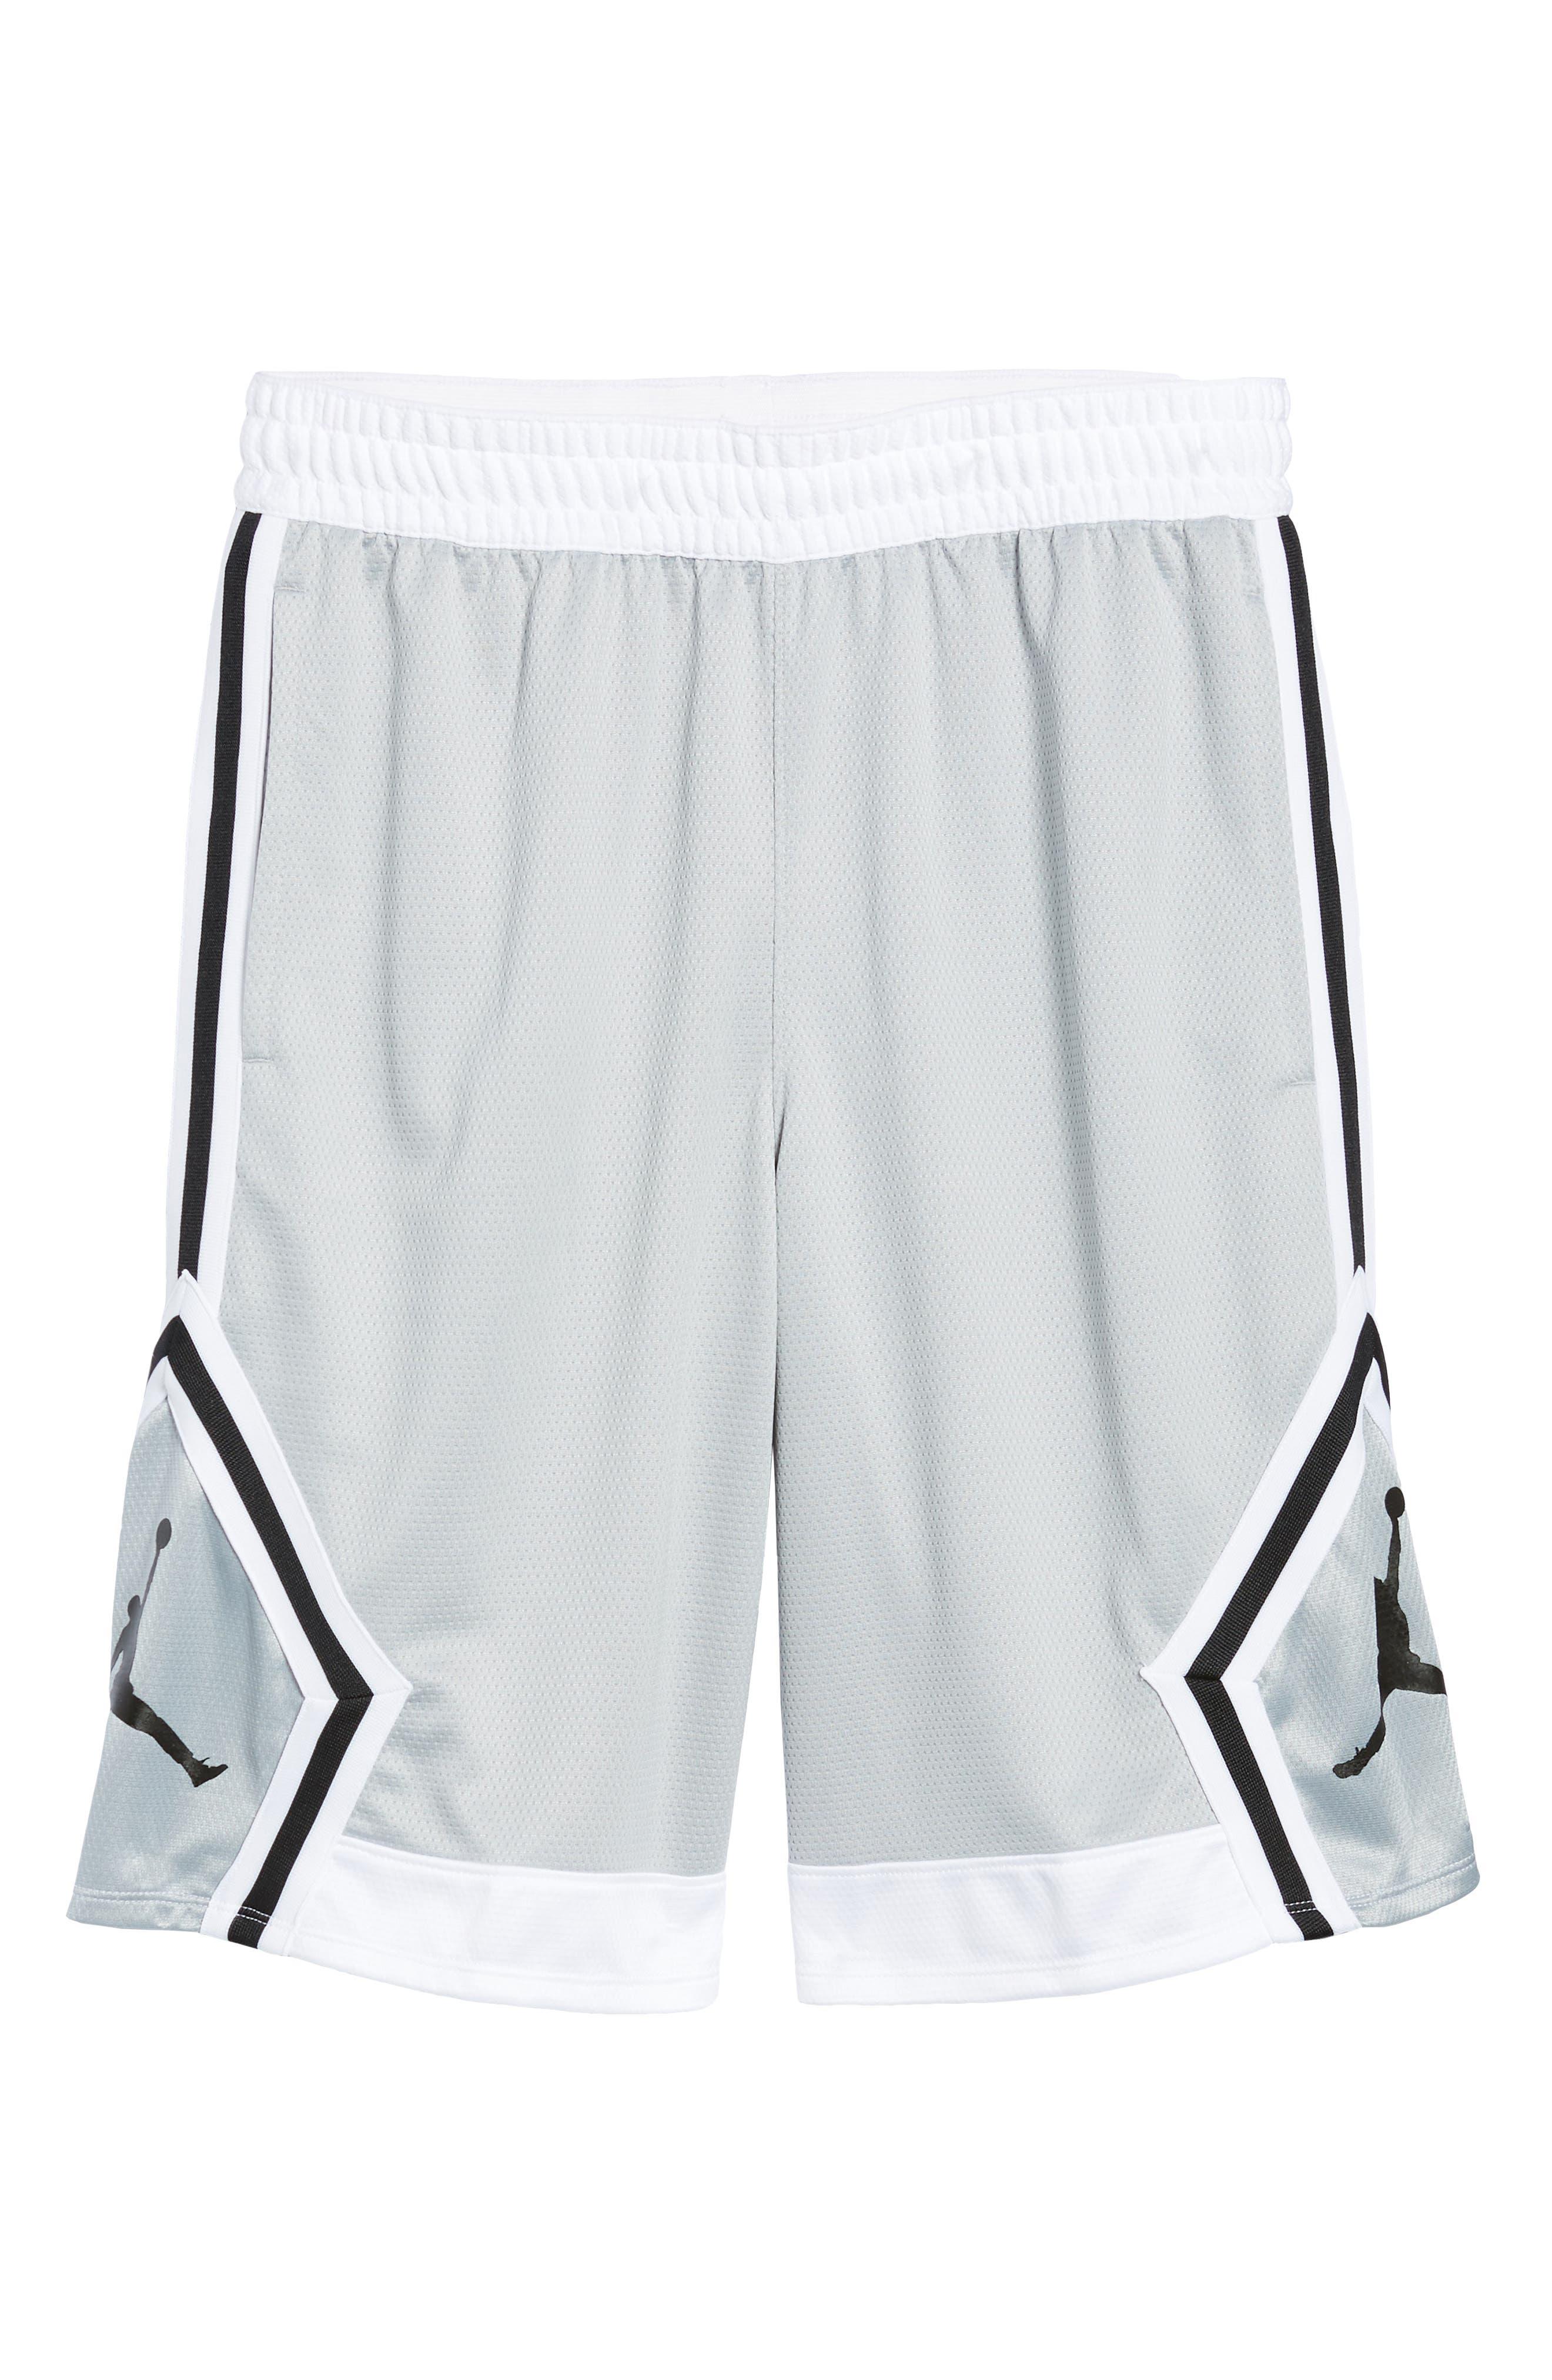 Sportswear Rise Diamond Shorts,                             Alternate thumbnail 33, color,